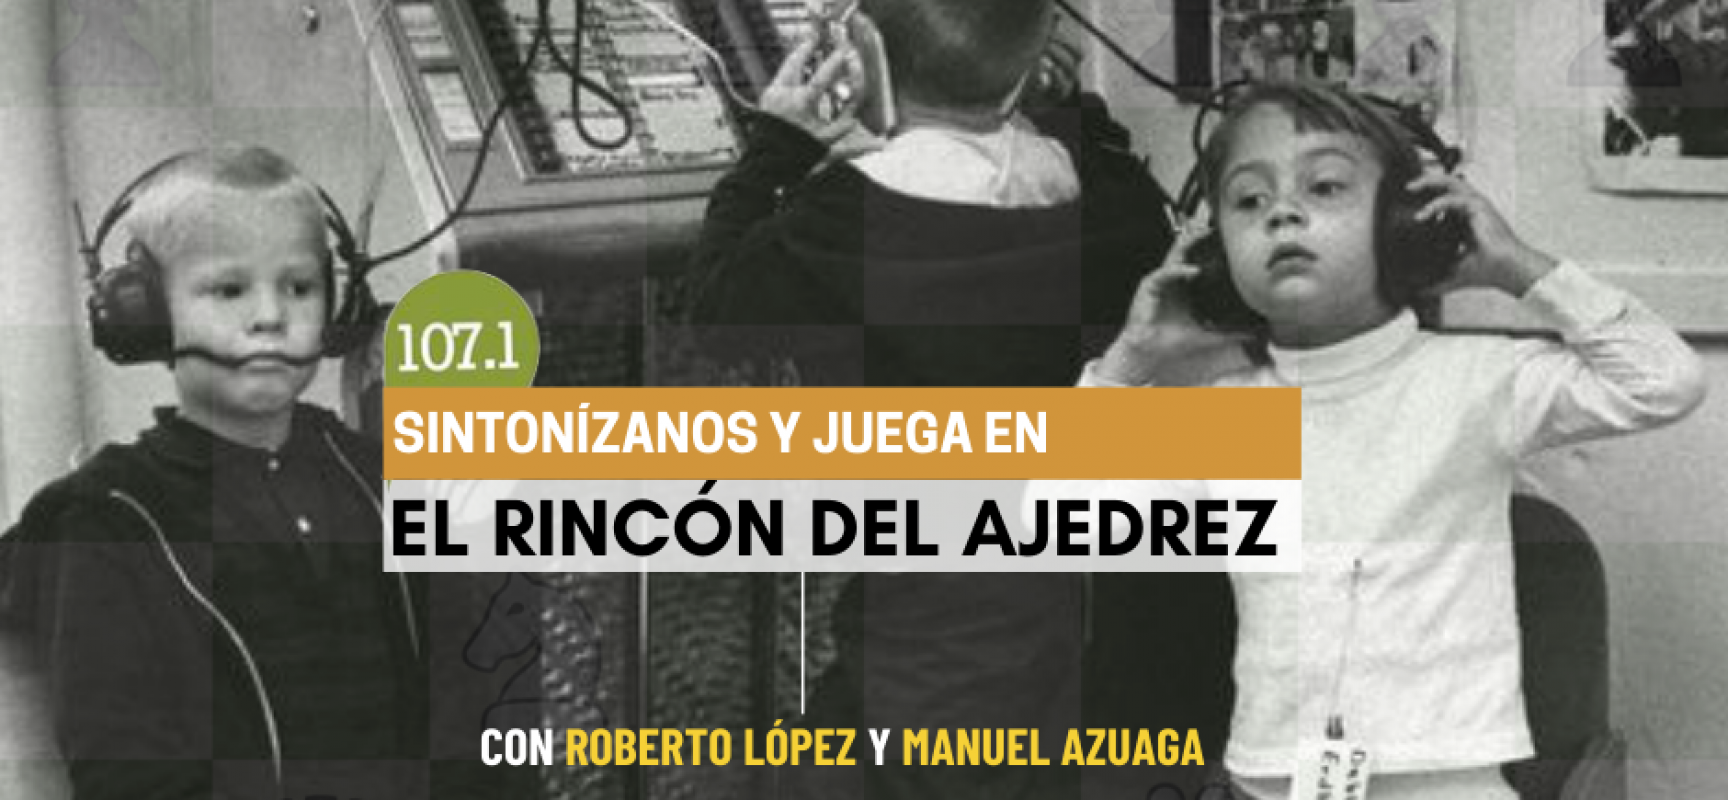 El Rincón del ajedrez comienza su 7ª temporada